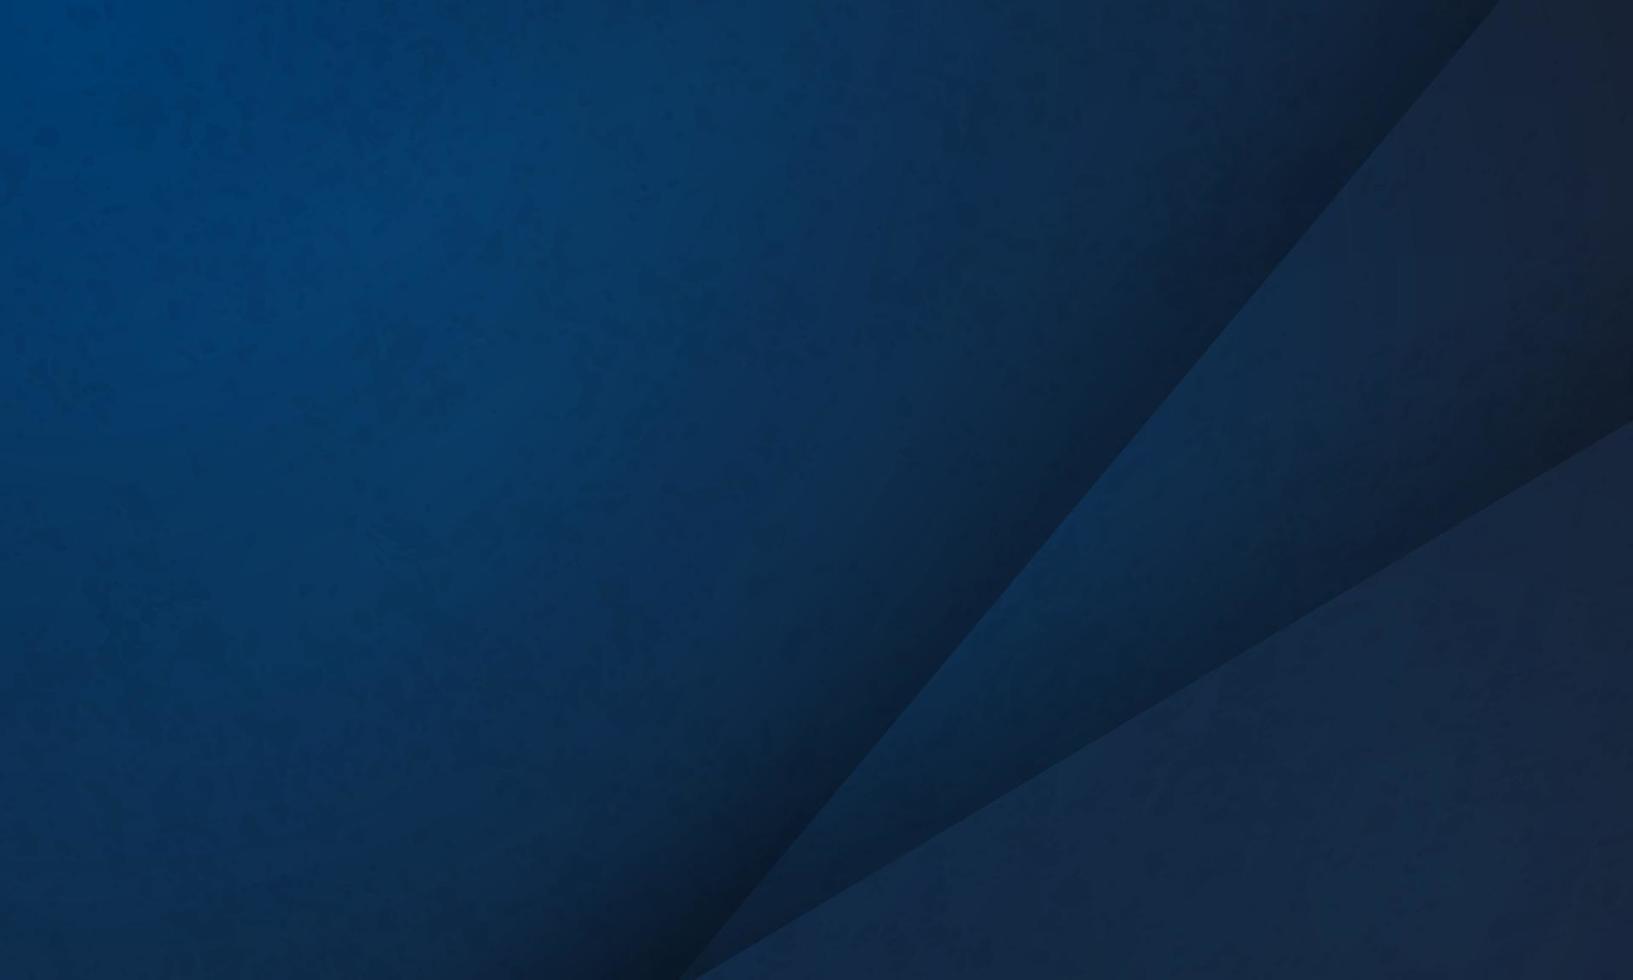 poster astratto sfondo blu con dinamico. illustrazione vettoriale di rete tecnologica.